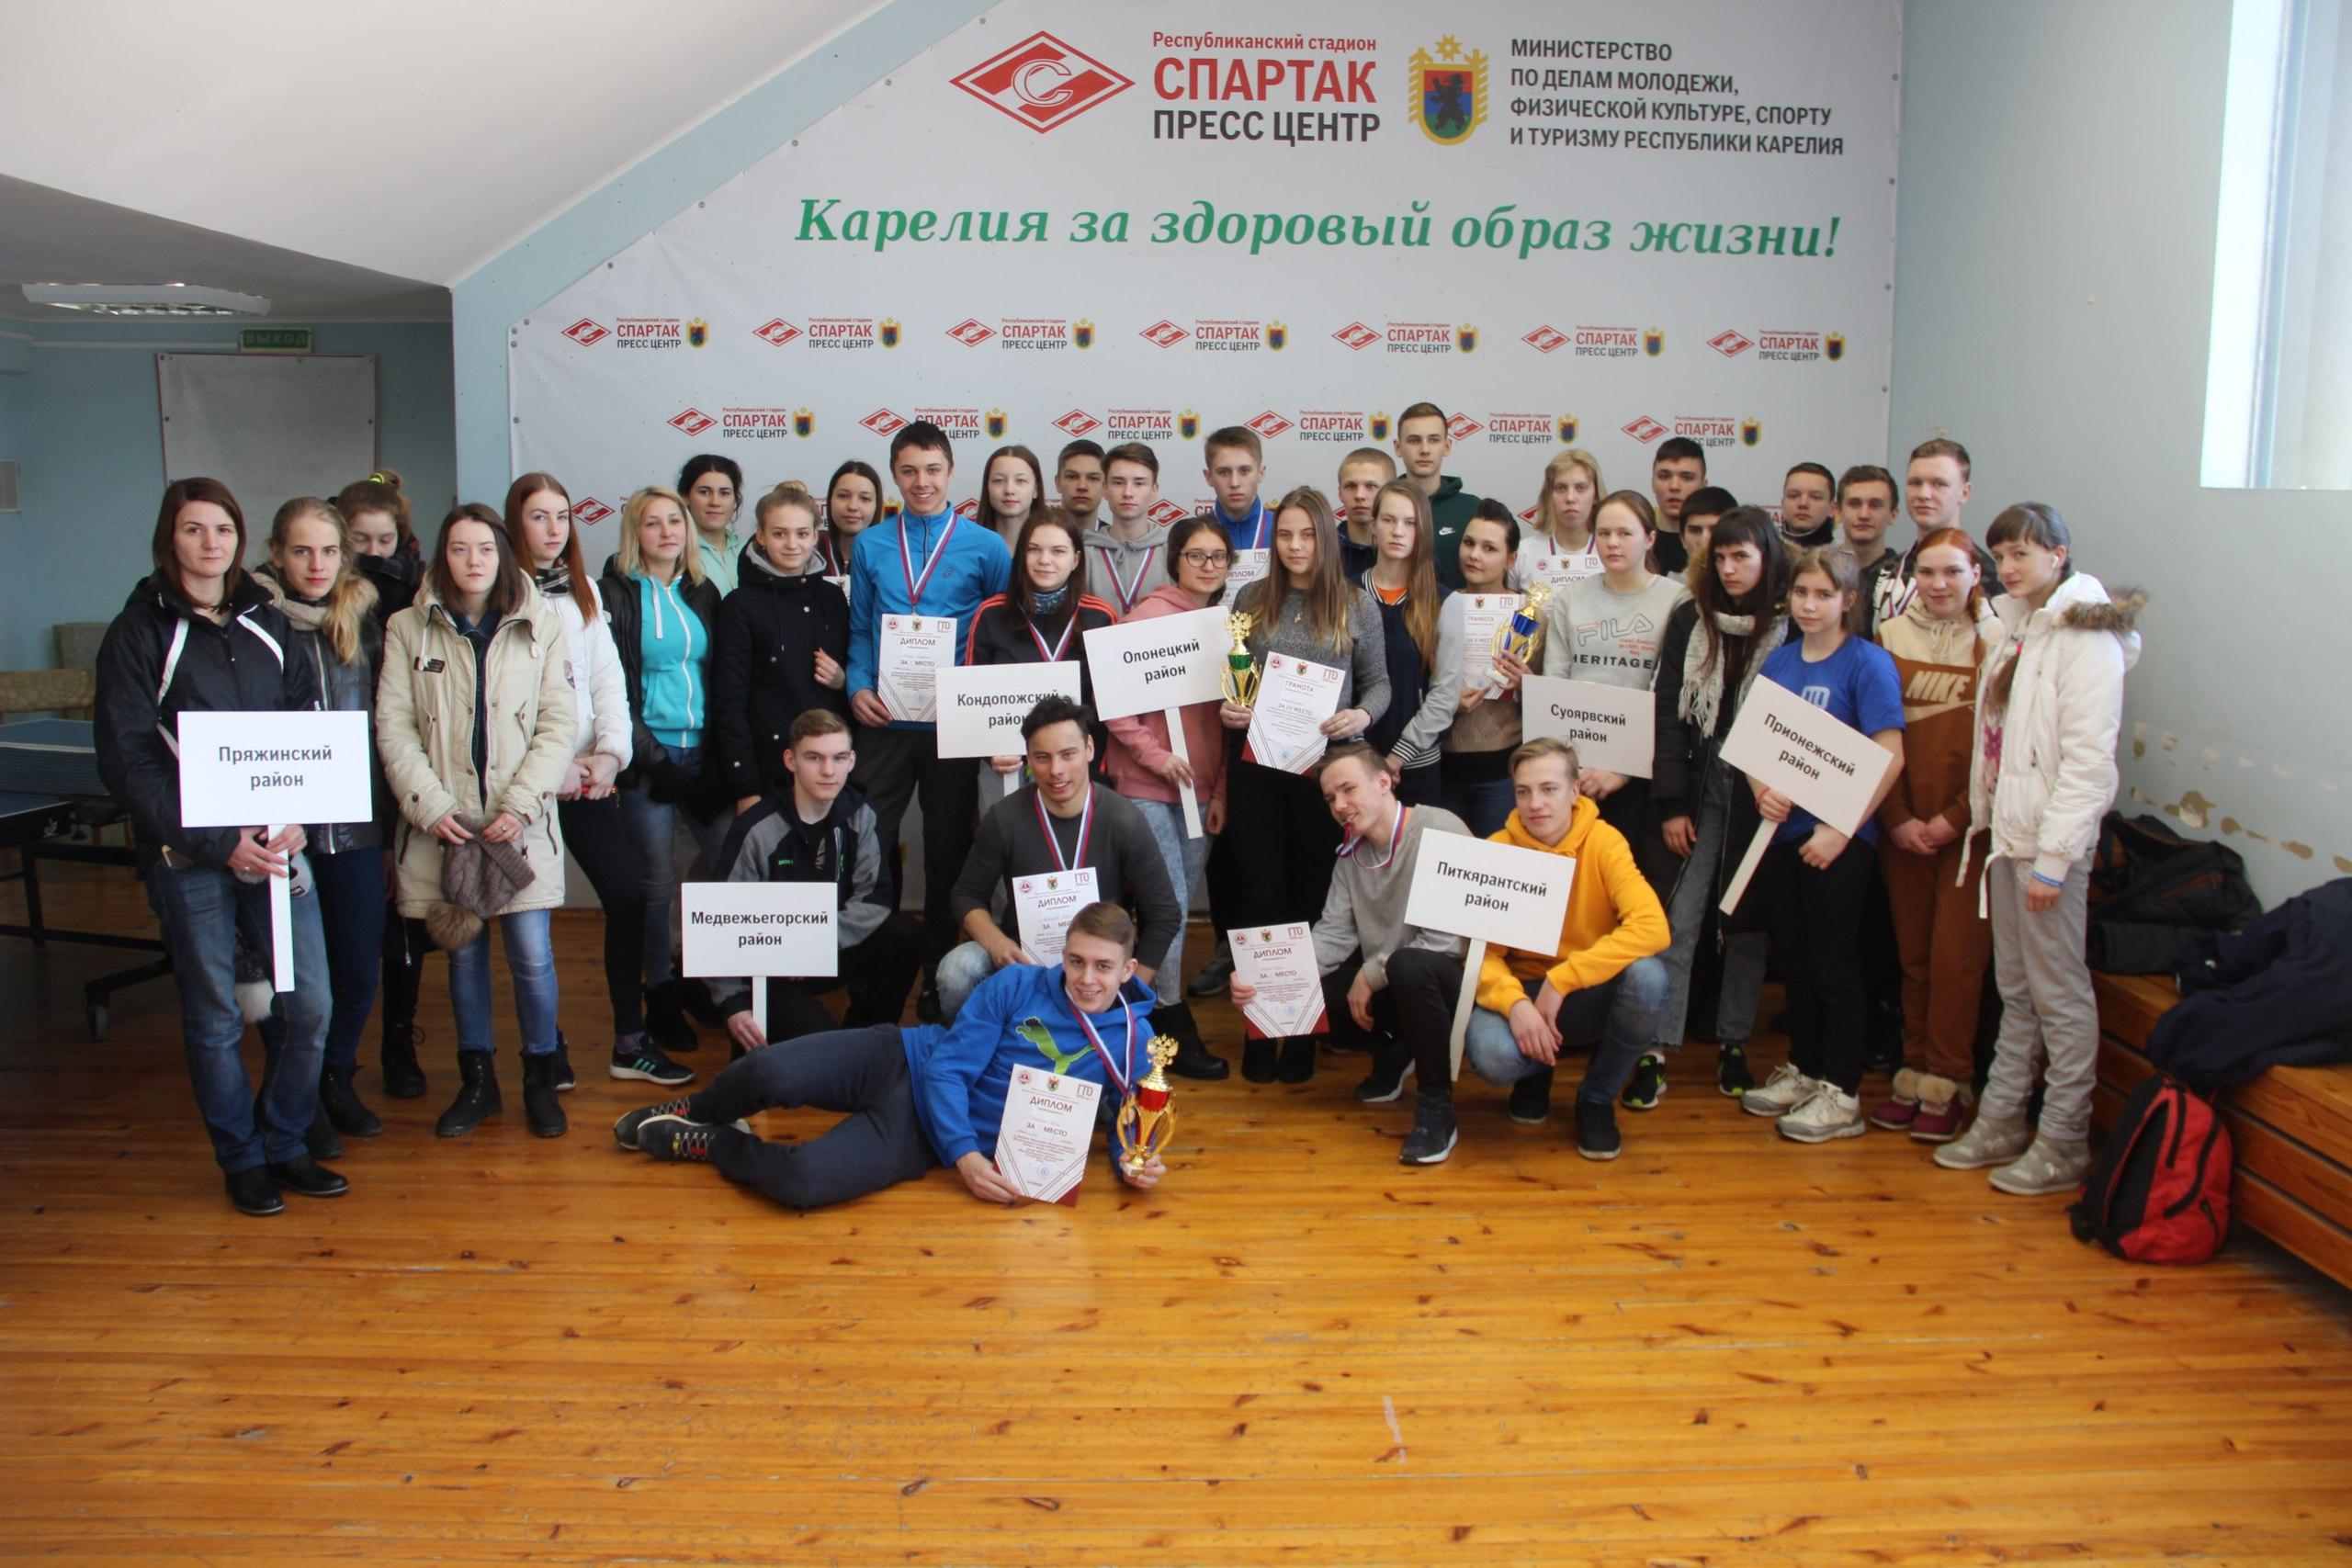 Завершился Зимний фестиваль ГТО в Карелии